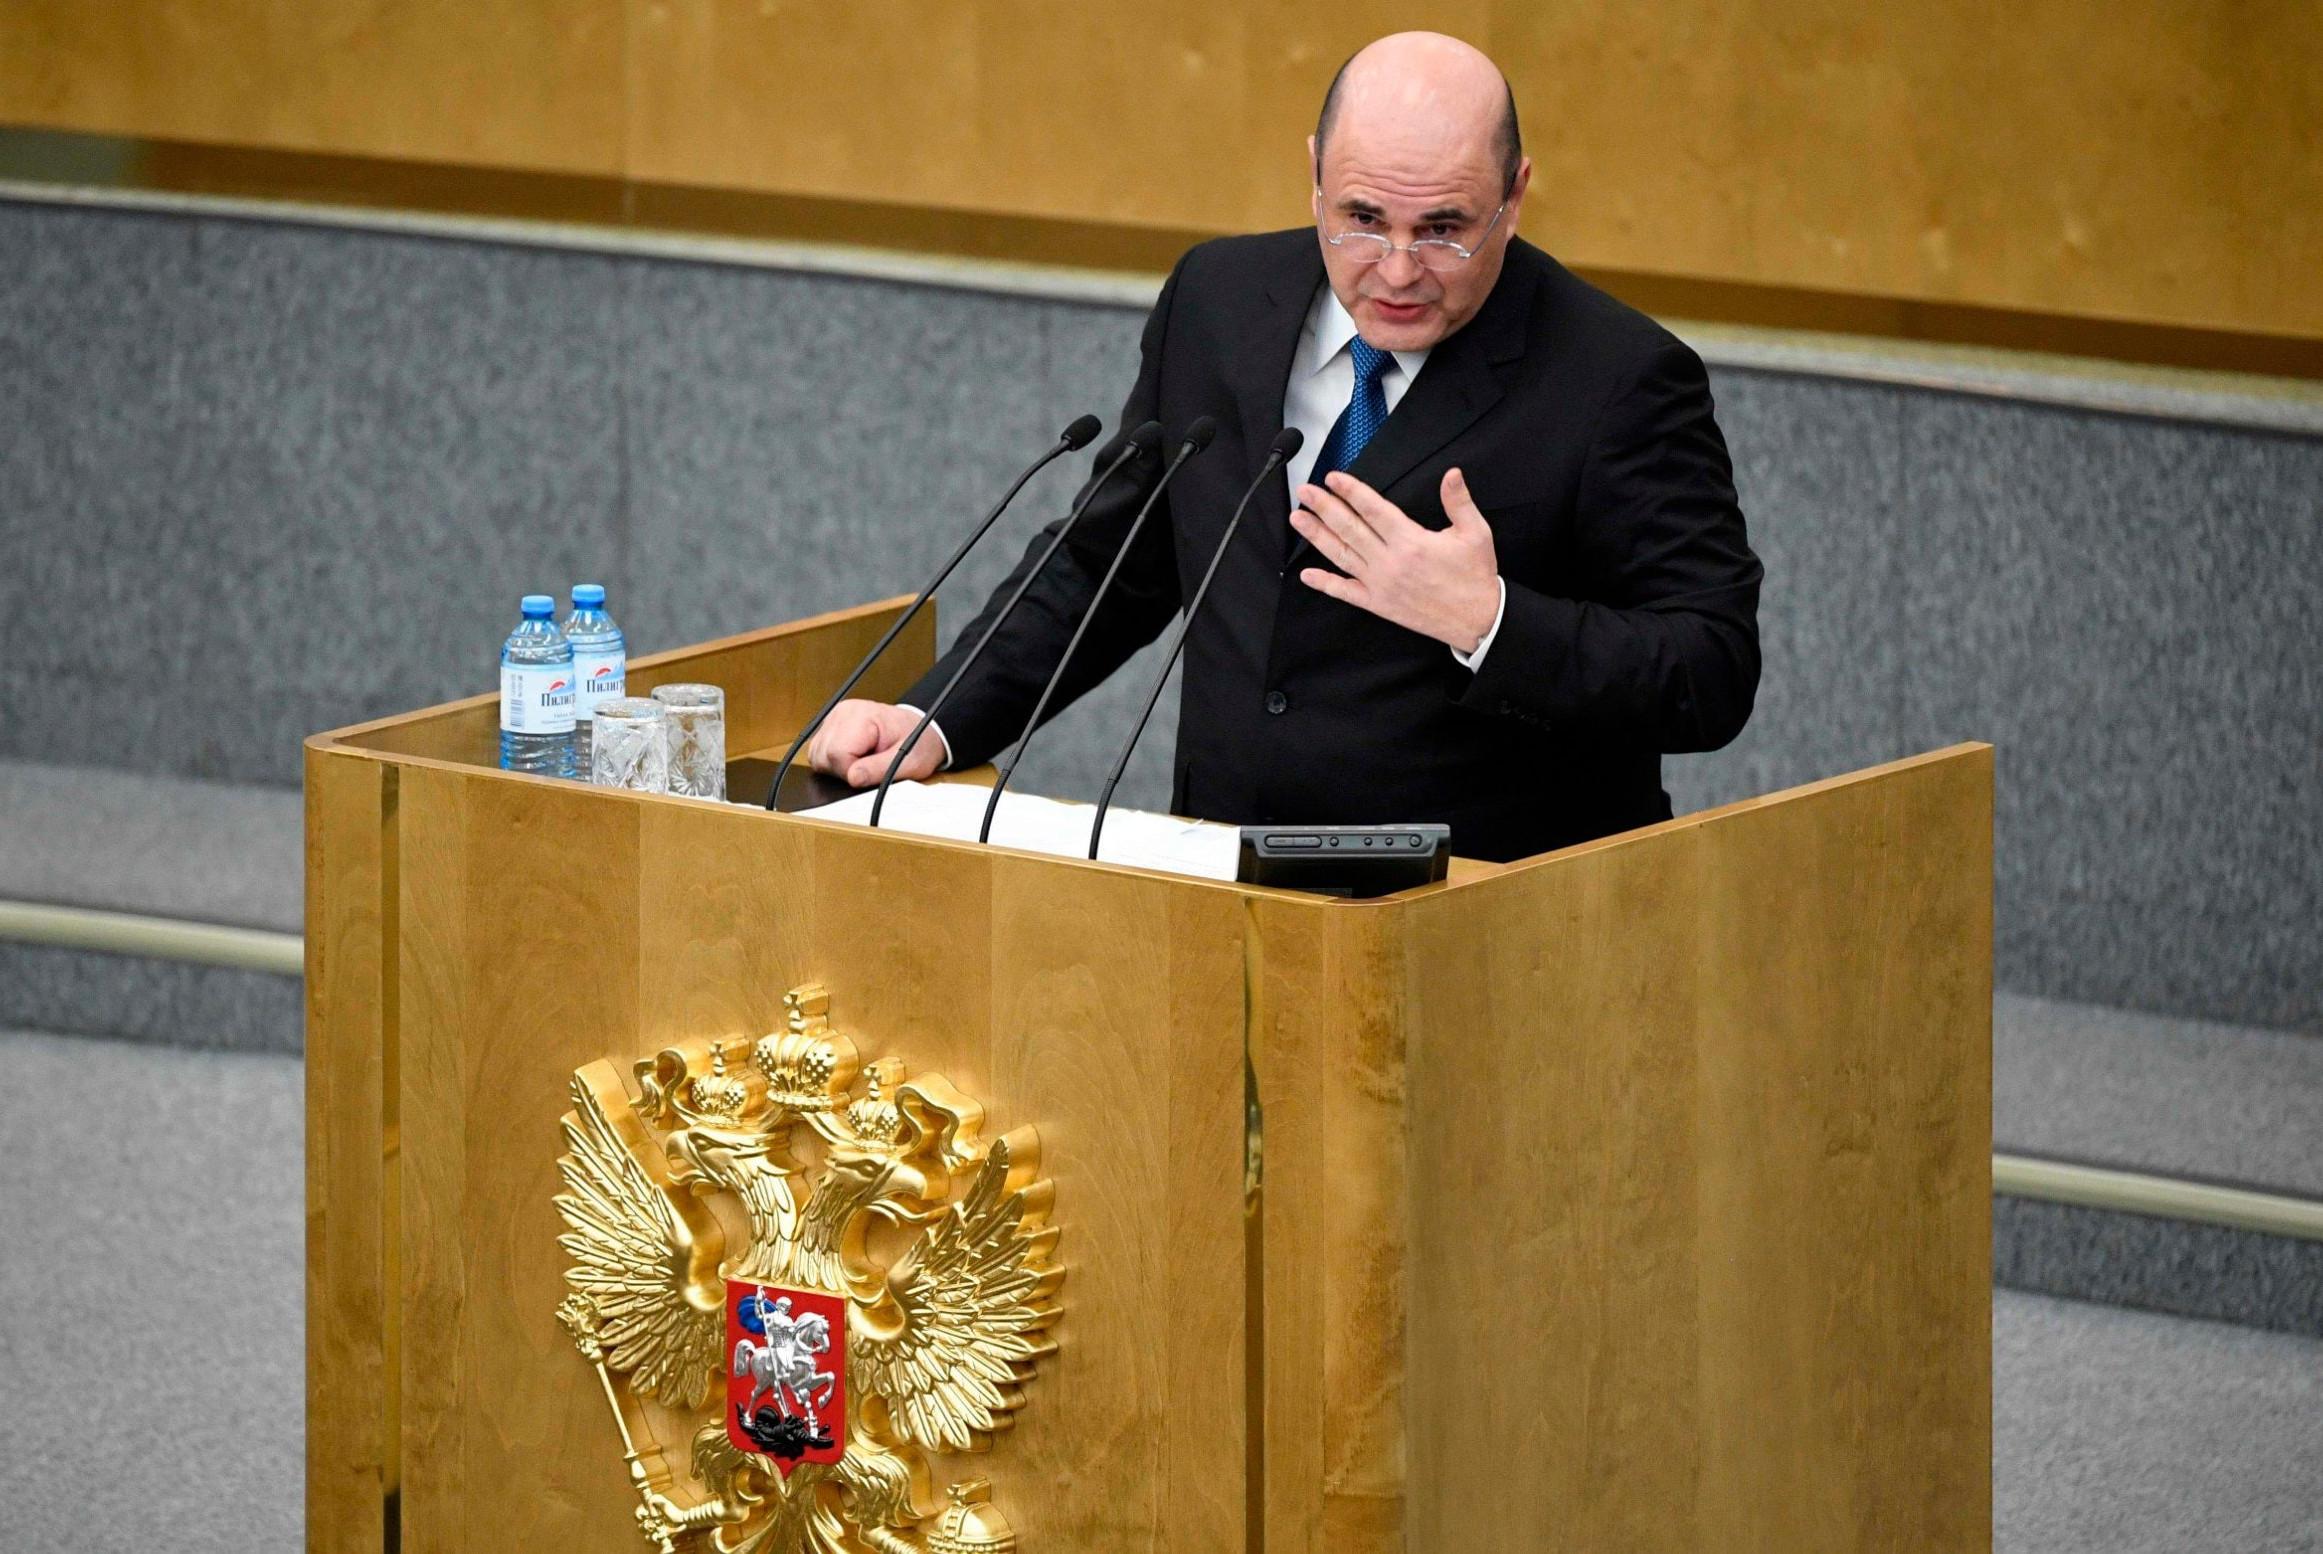 Нови премијер Русије Михаил Мишустин се обраћа посланицима, Москва, 16. јануар 2020. (Фото: ALEXANDER NEMENOV/AFP via Getty Images)